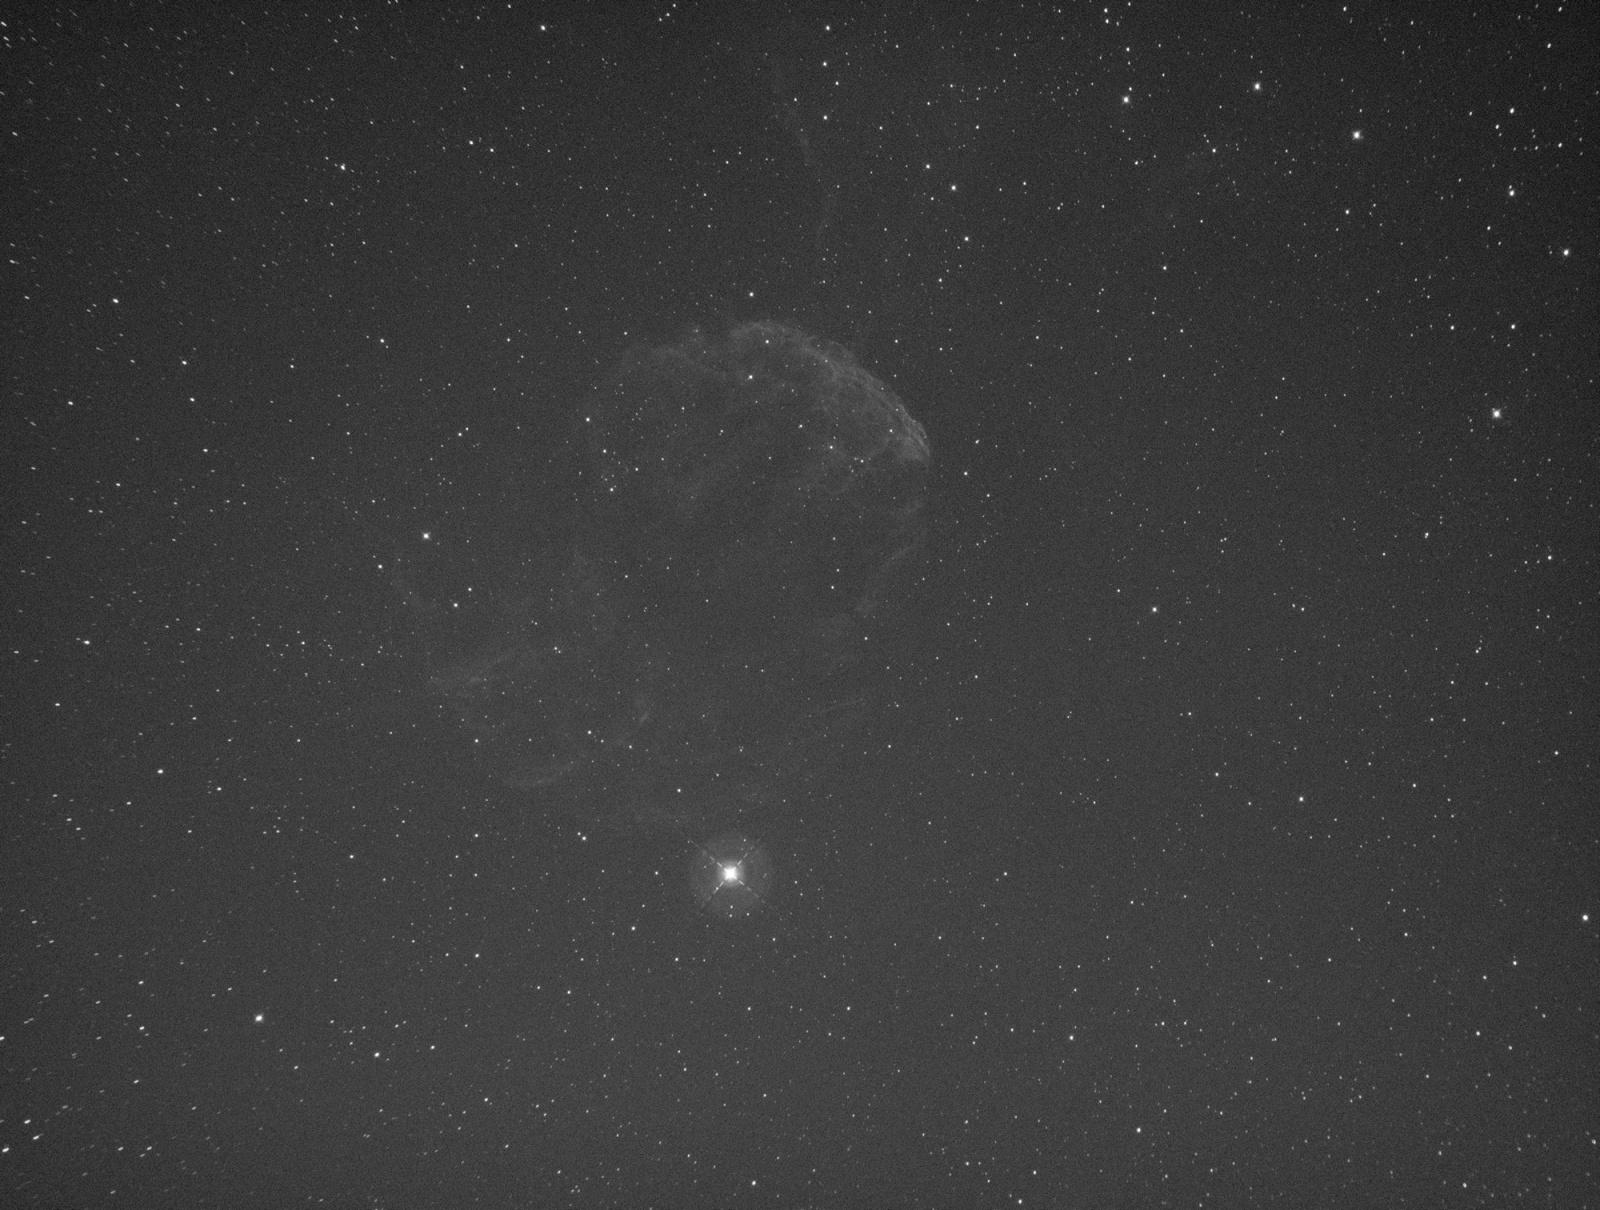 IC444_Hstar6_29-10-19_Ha-001_120 Scaled.jpg